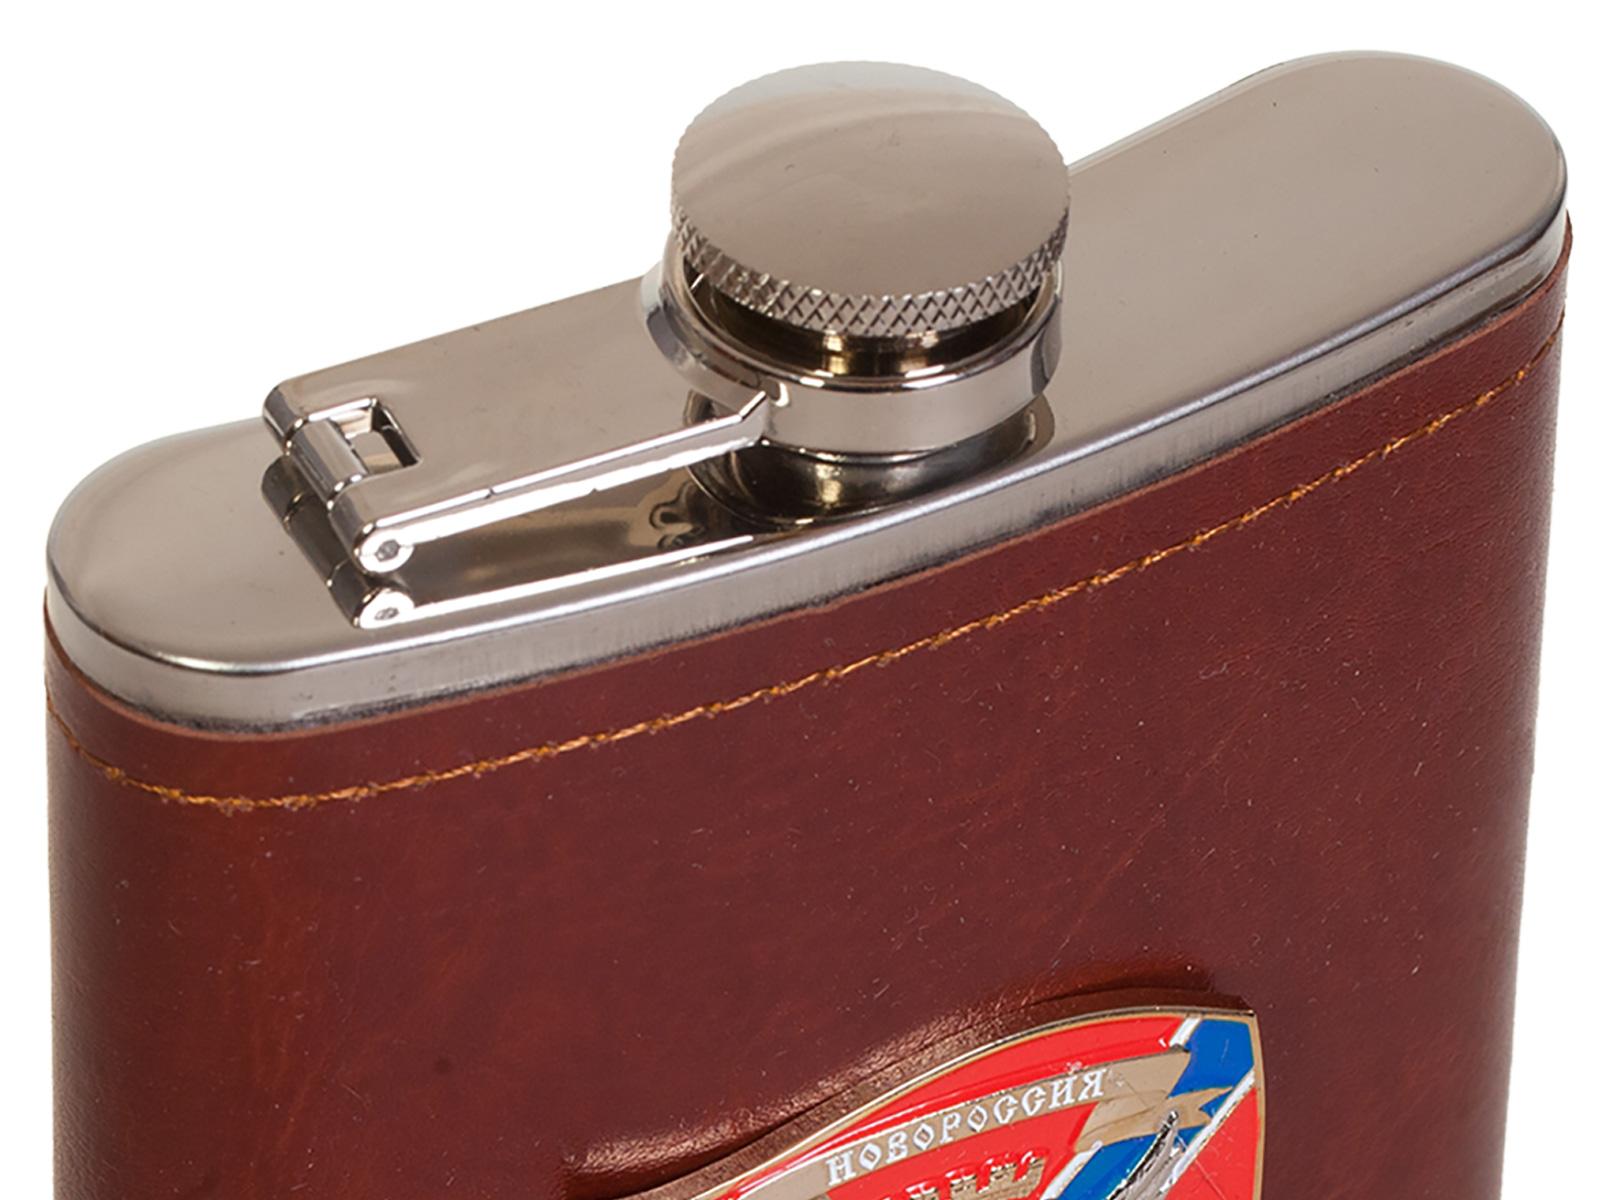 Мужская оригинальная фляга с металлической накладкой Новороссия - купить оптом